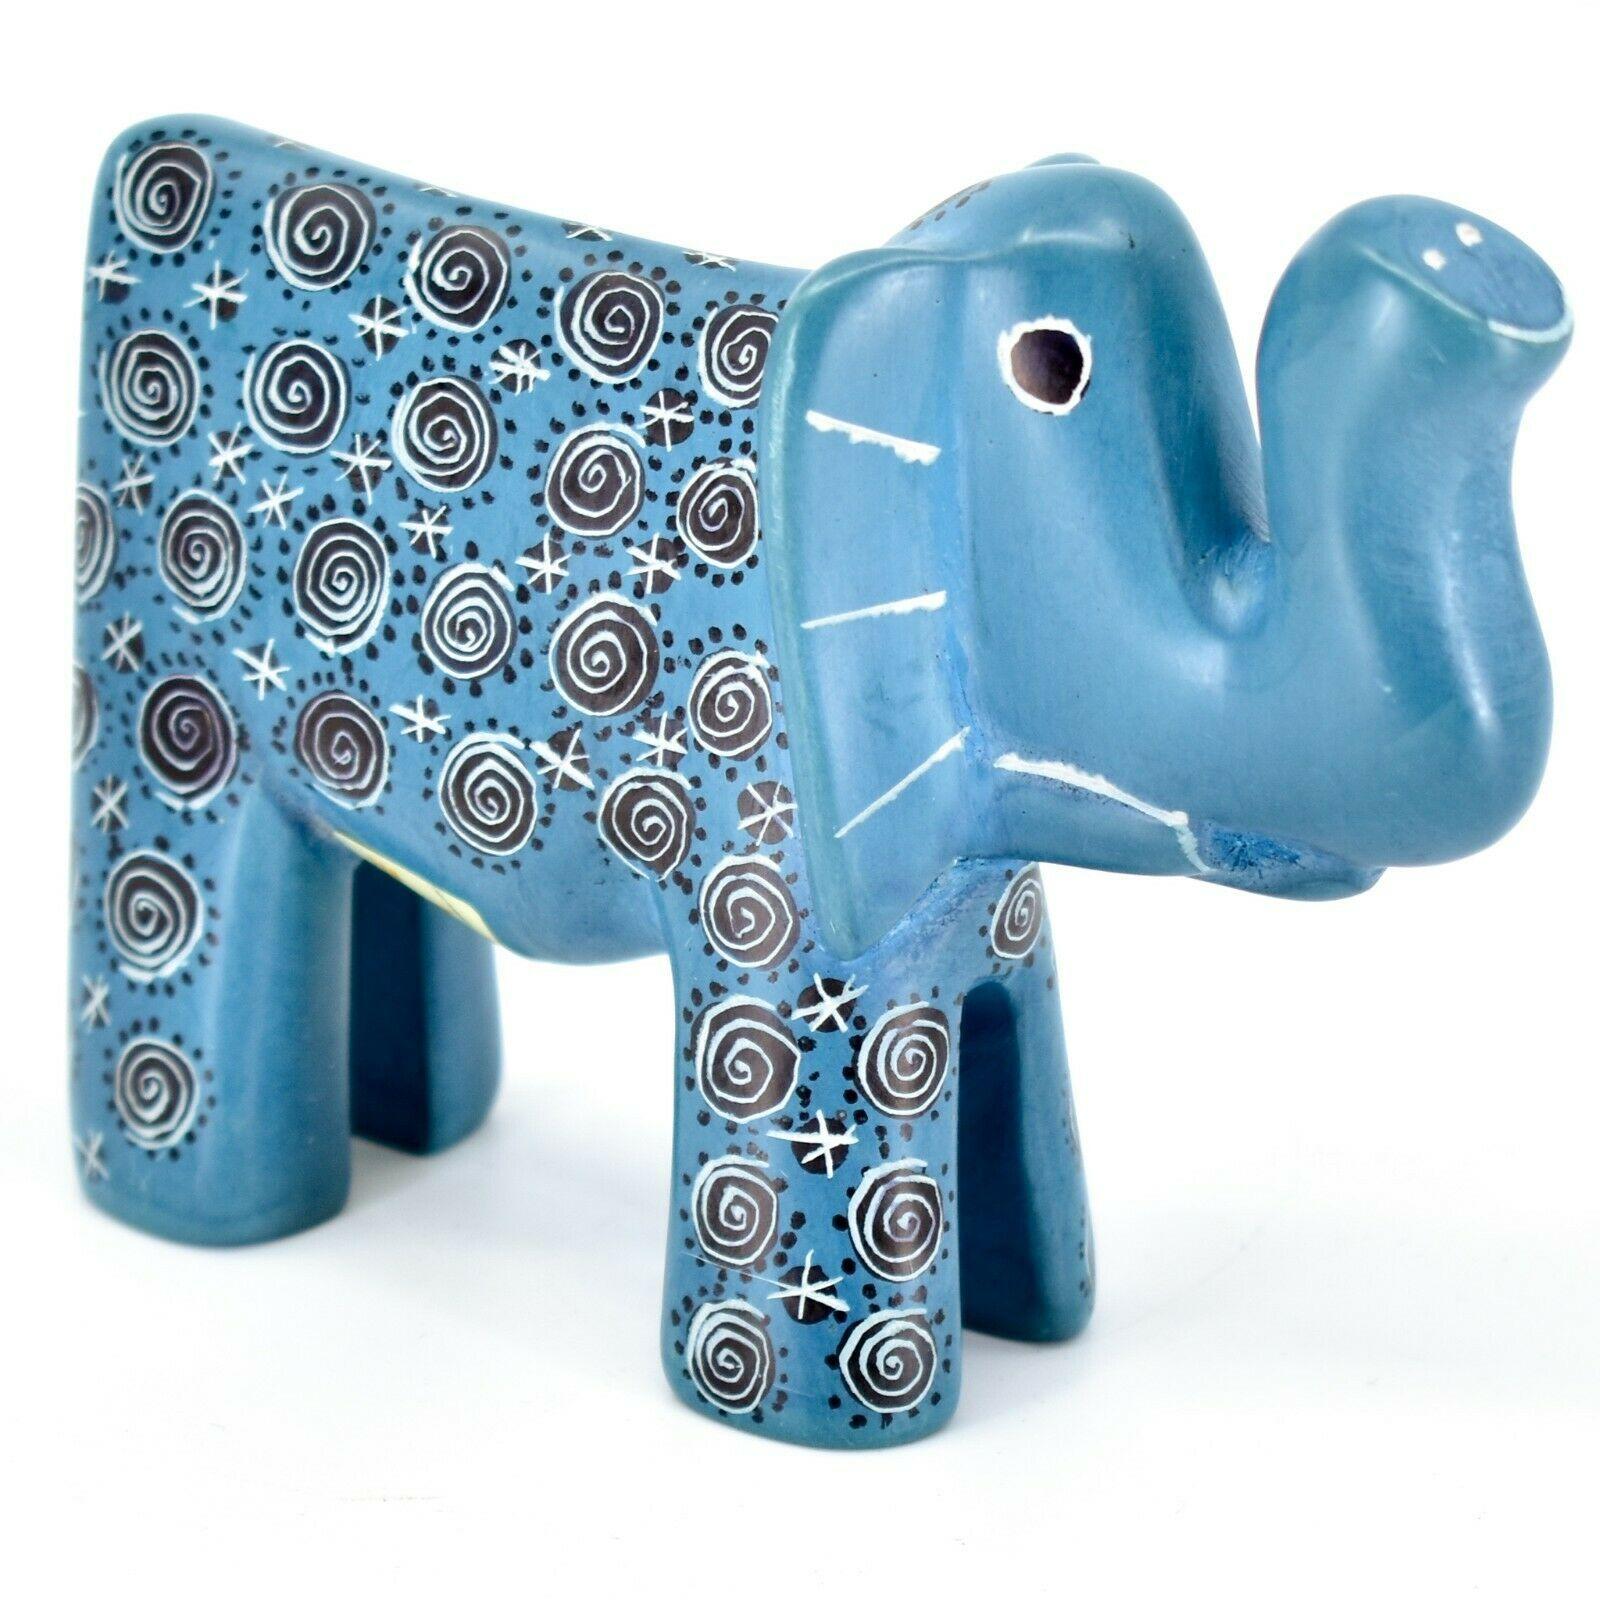 Hand Carved Gusii Soapstone Blue Elephant w Swirl Design Figurine Made in Kenya